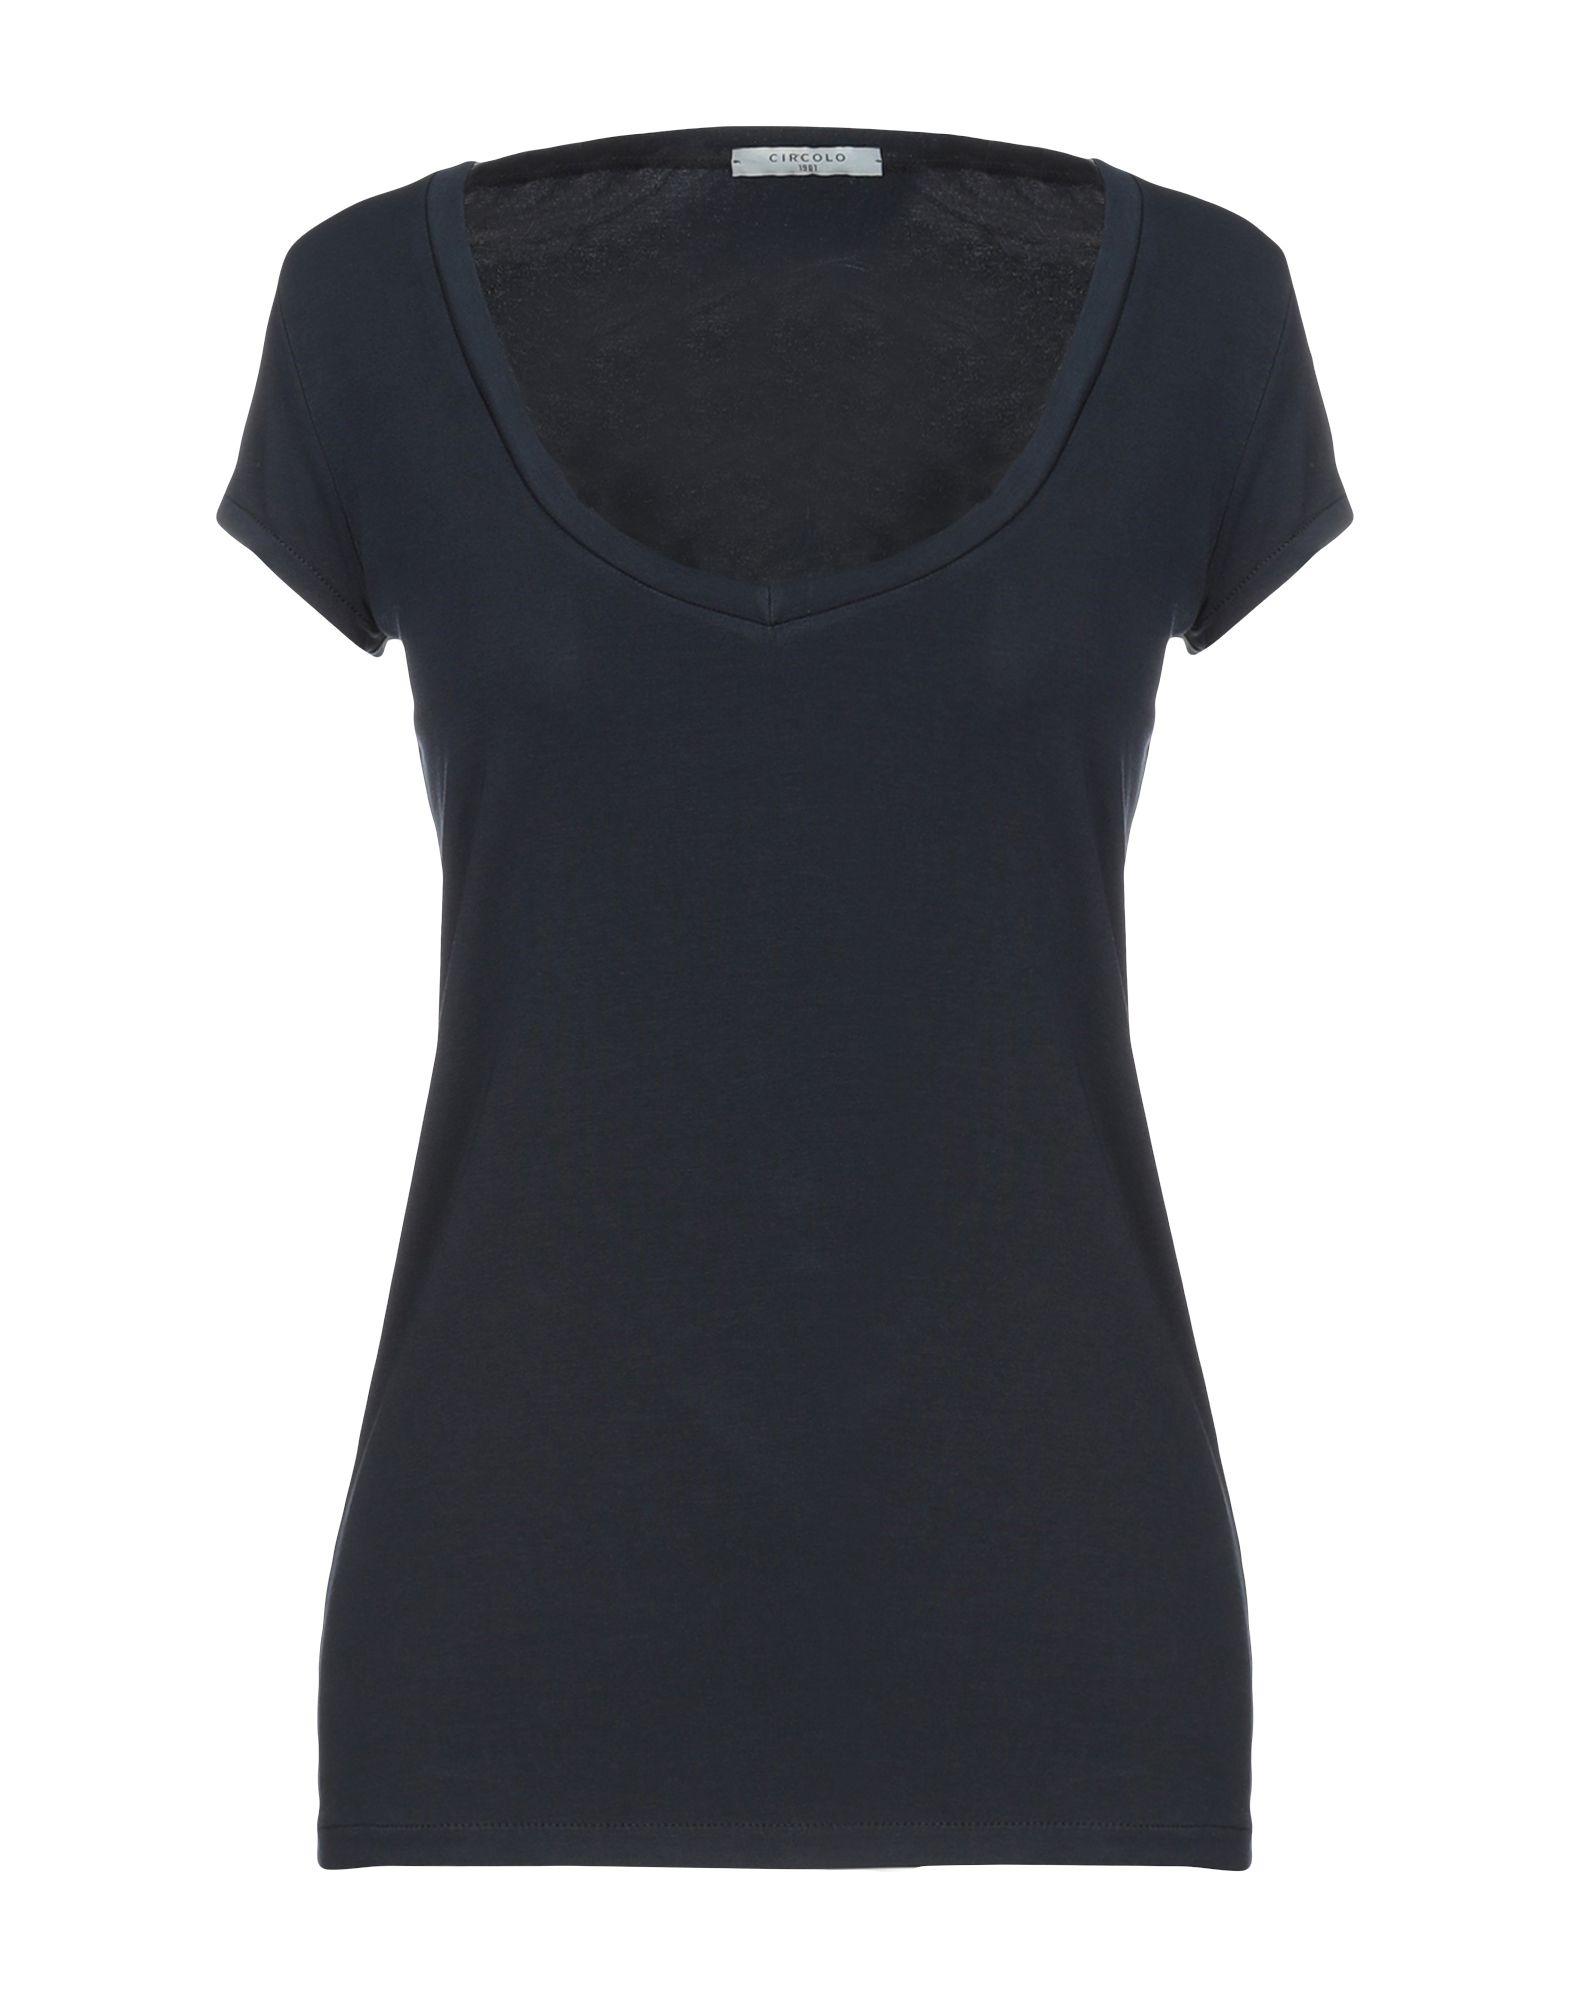 T-Shirt Circolo 1901 donna donna donna - 12122999OR 956